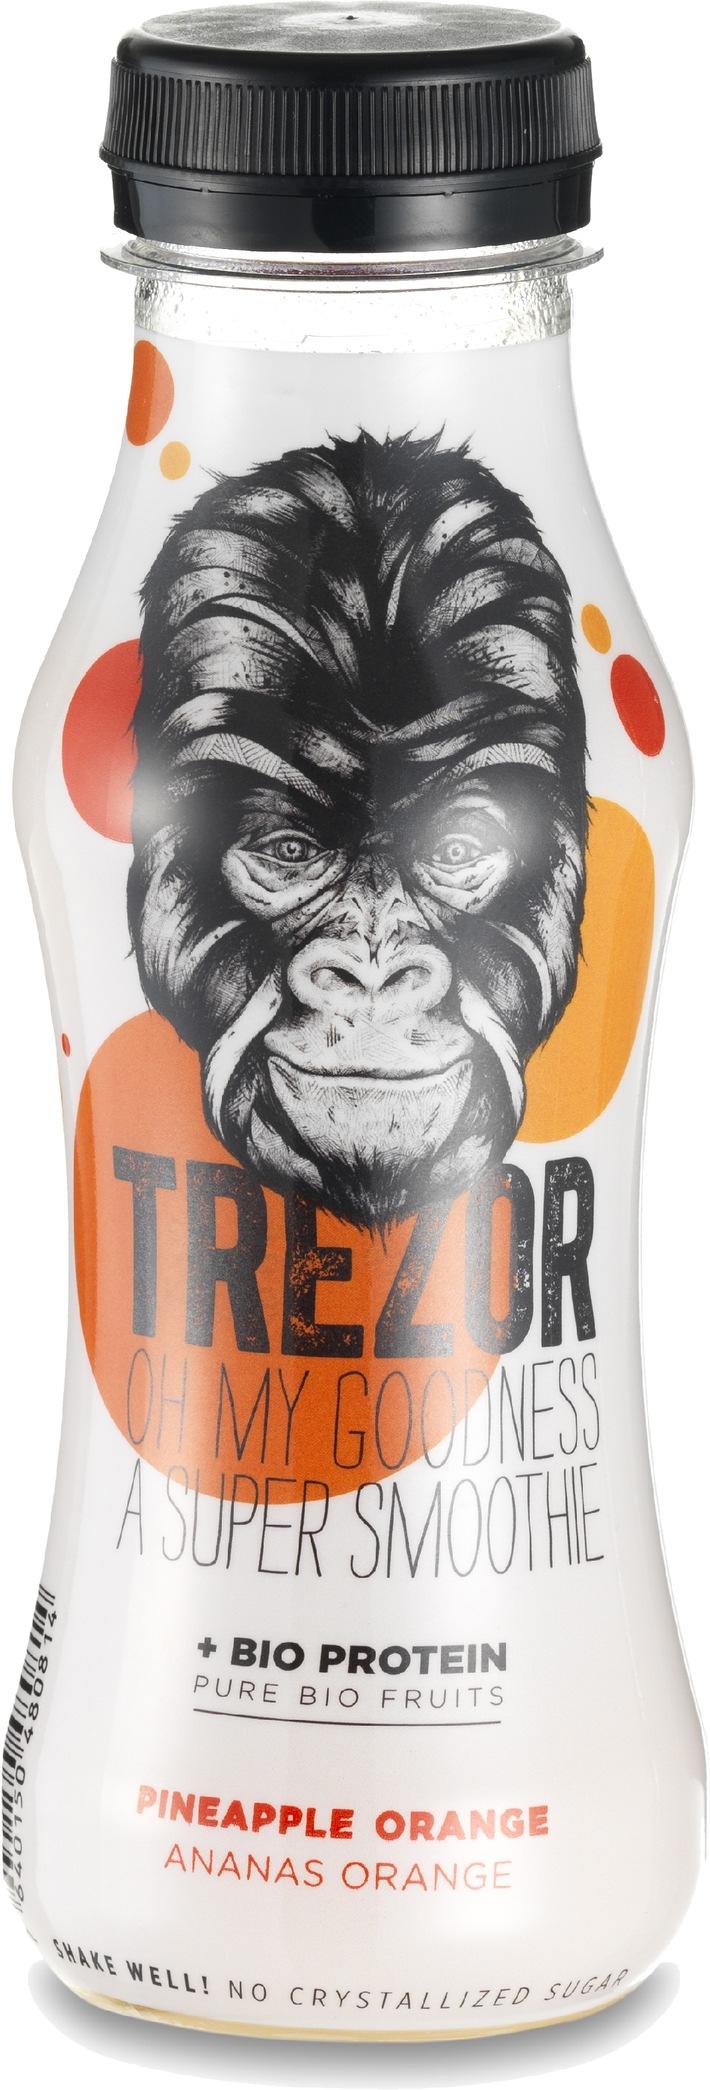 La petite et innovante entreprise Suisse Beodrinx lance sa dernière trouvaille, TREZOR une boisson bio protéinée